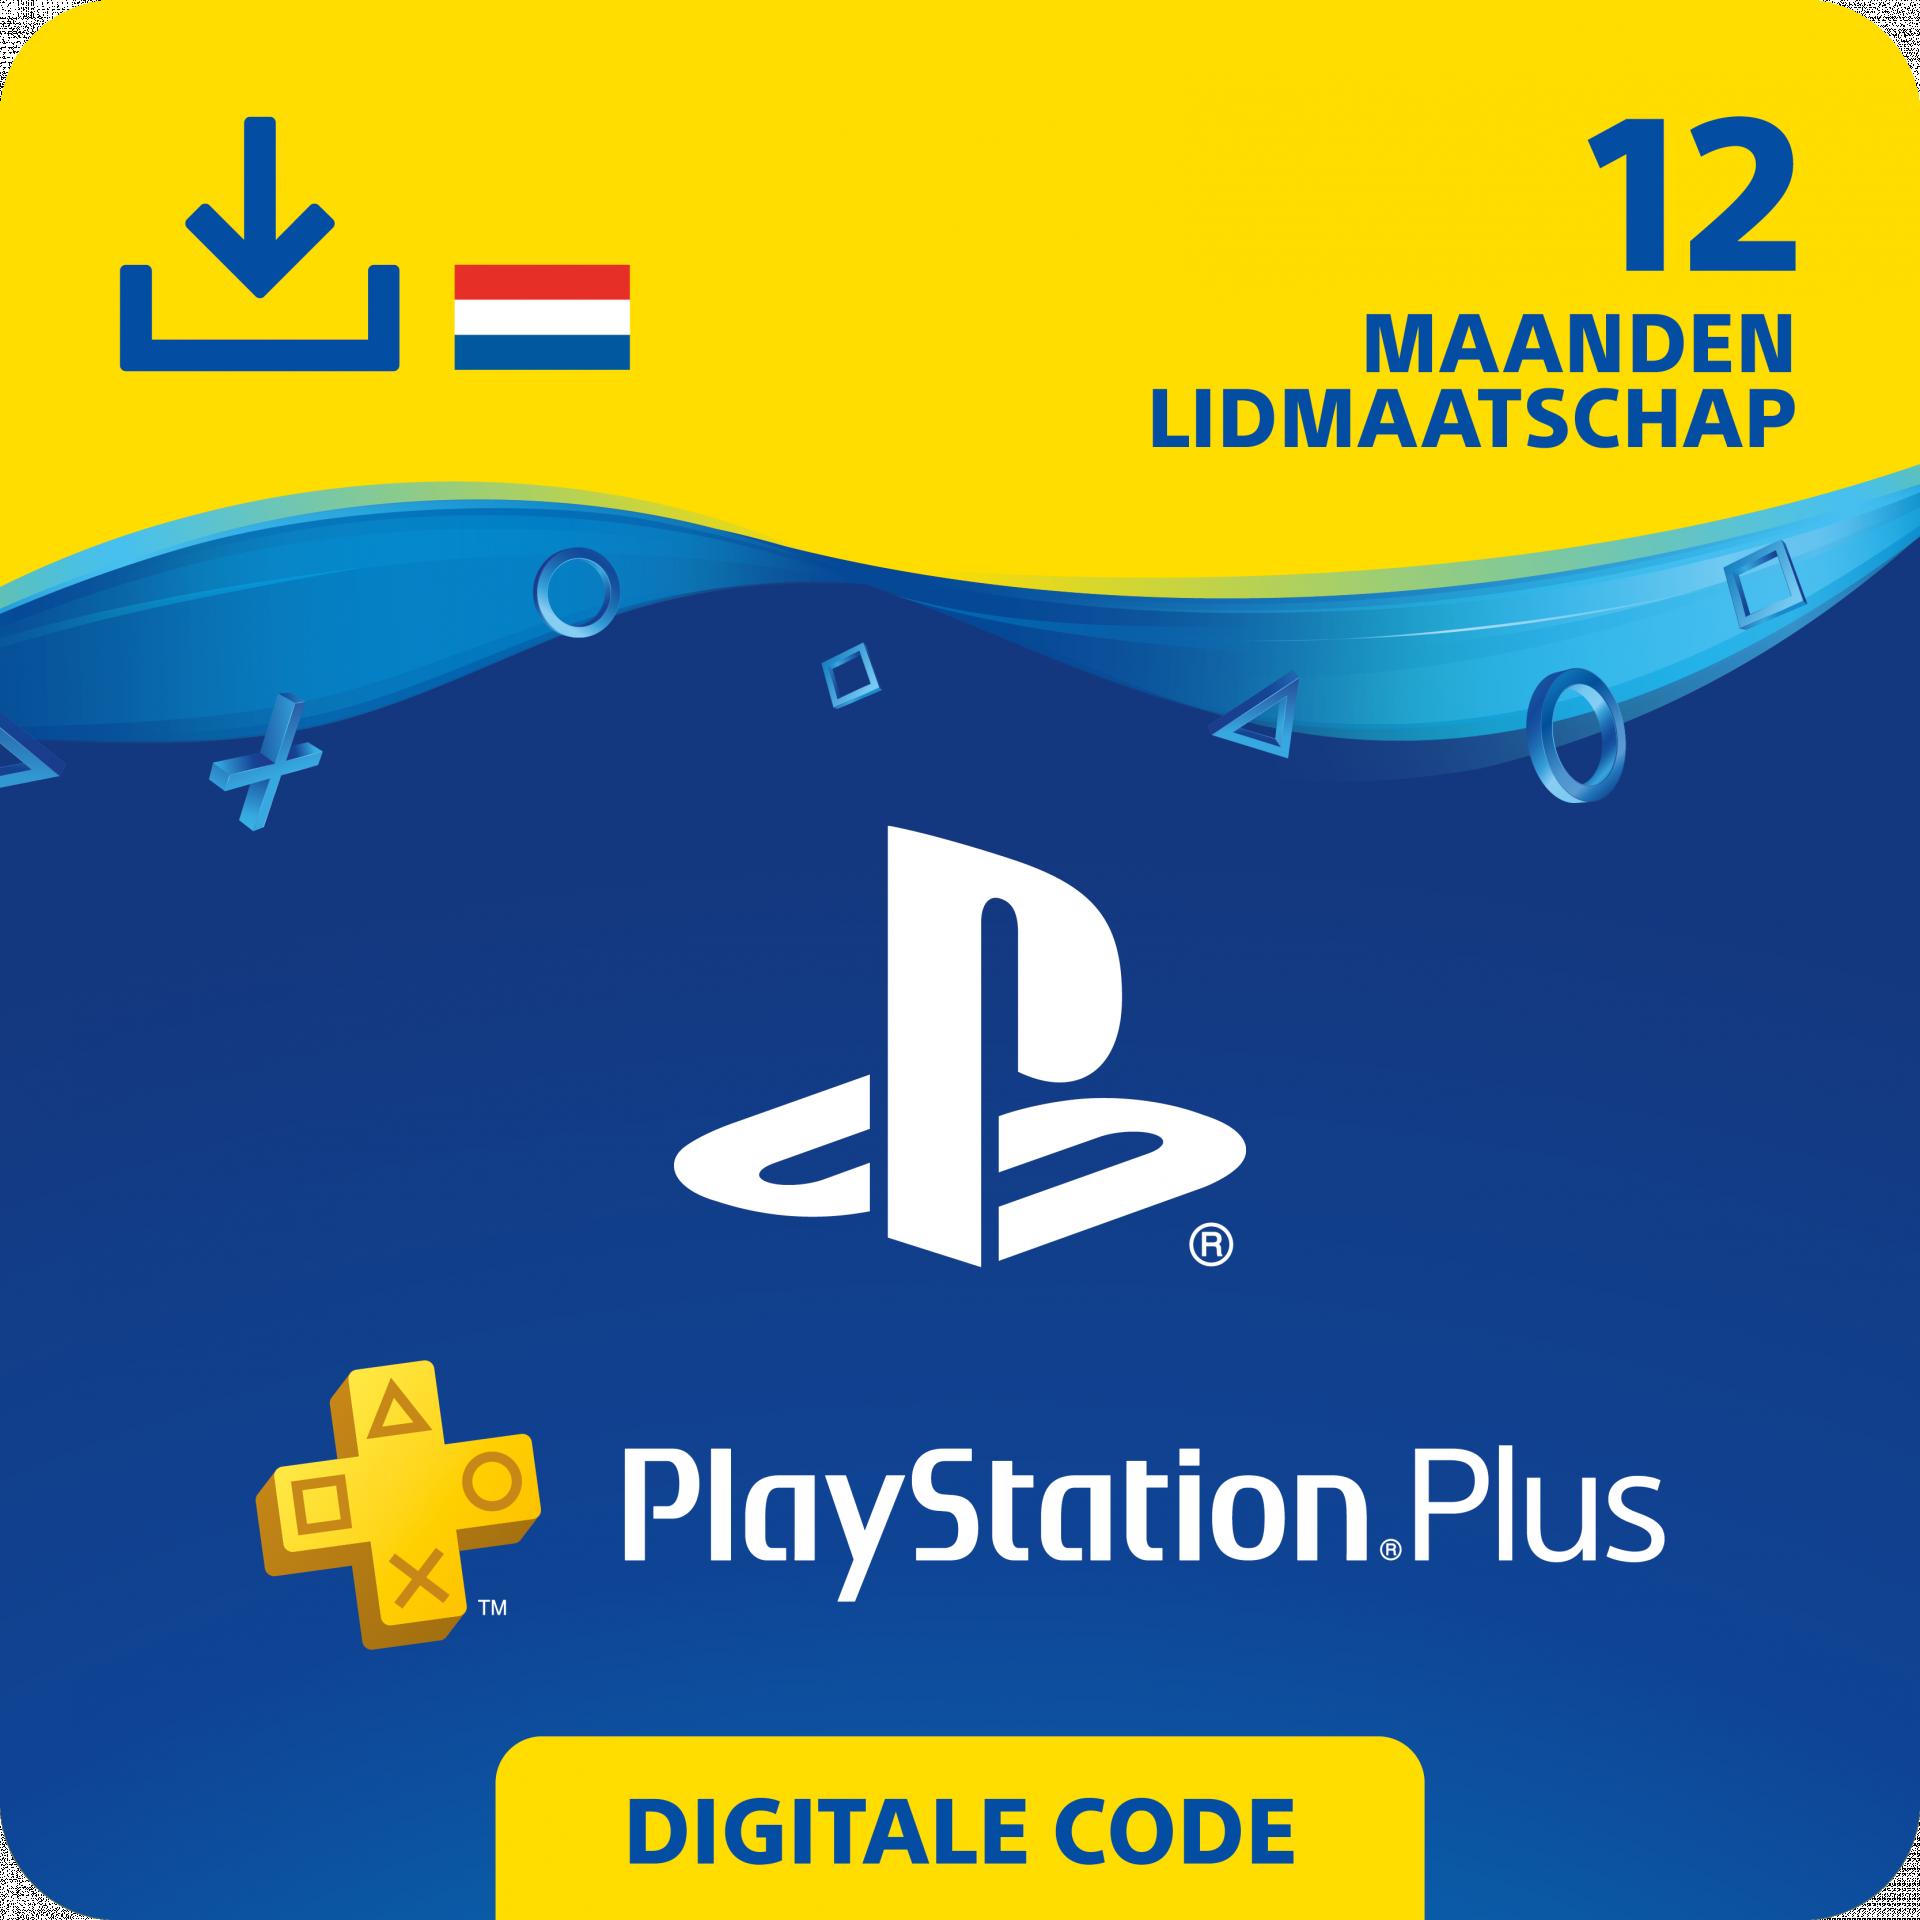 Playstation Plus 12 maanden lidmaatschap voor €42,67 door kortingscode